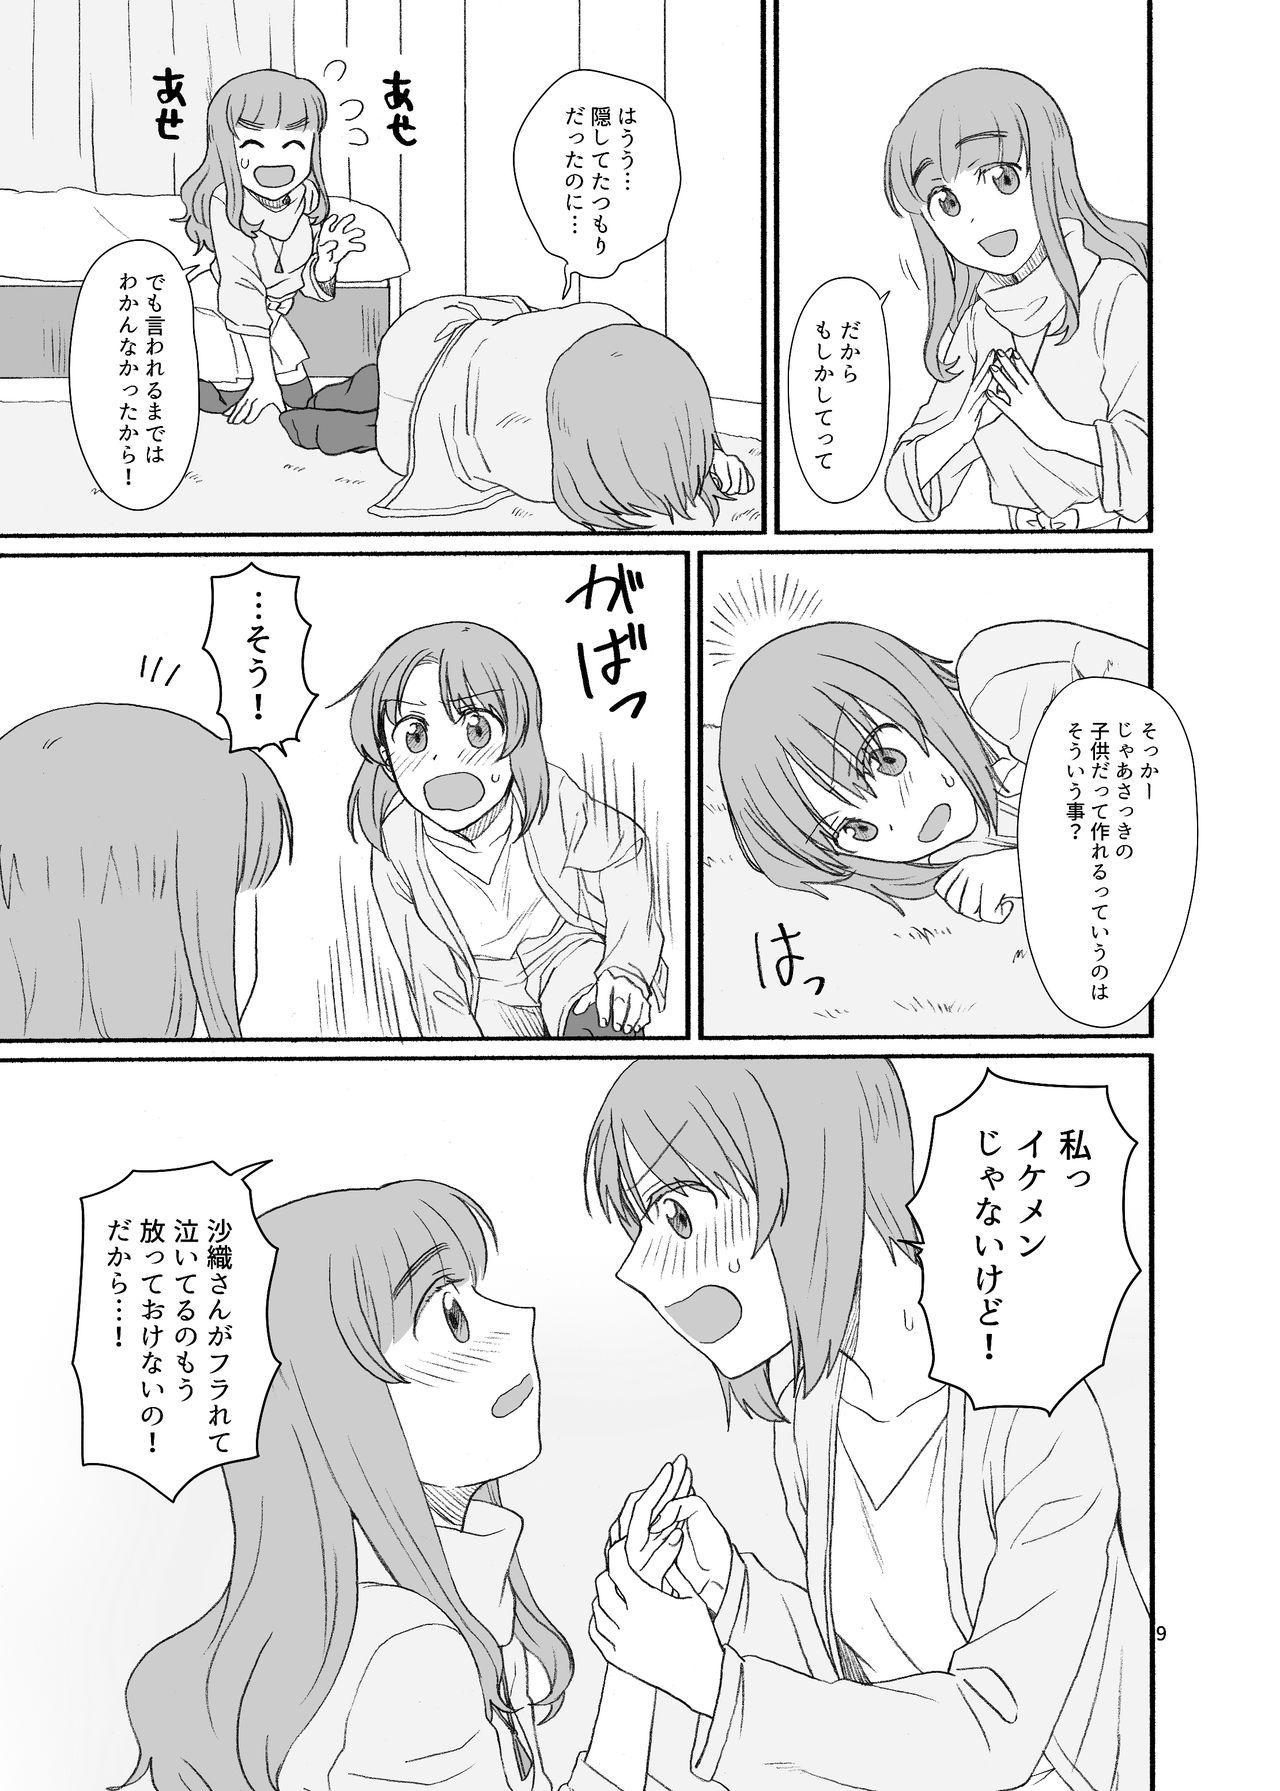 Saori-san, Tsukiatte Kudasai! 7